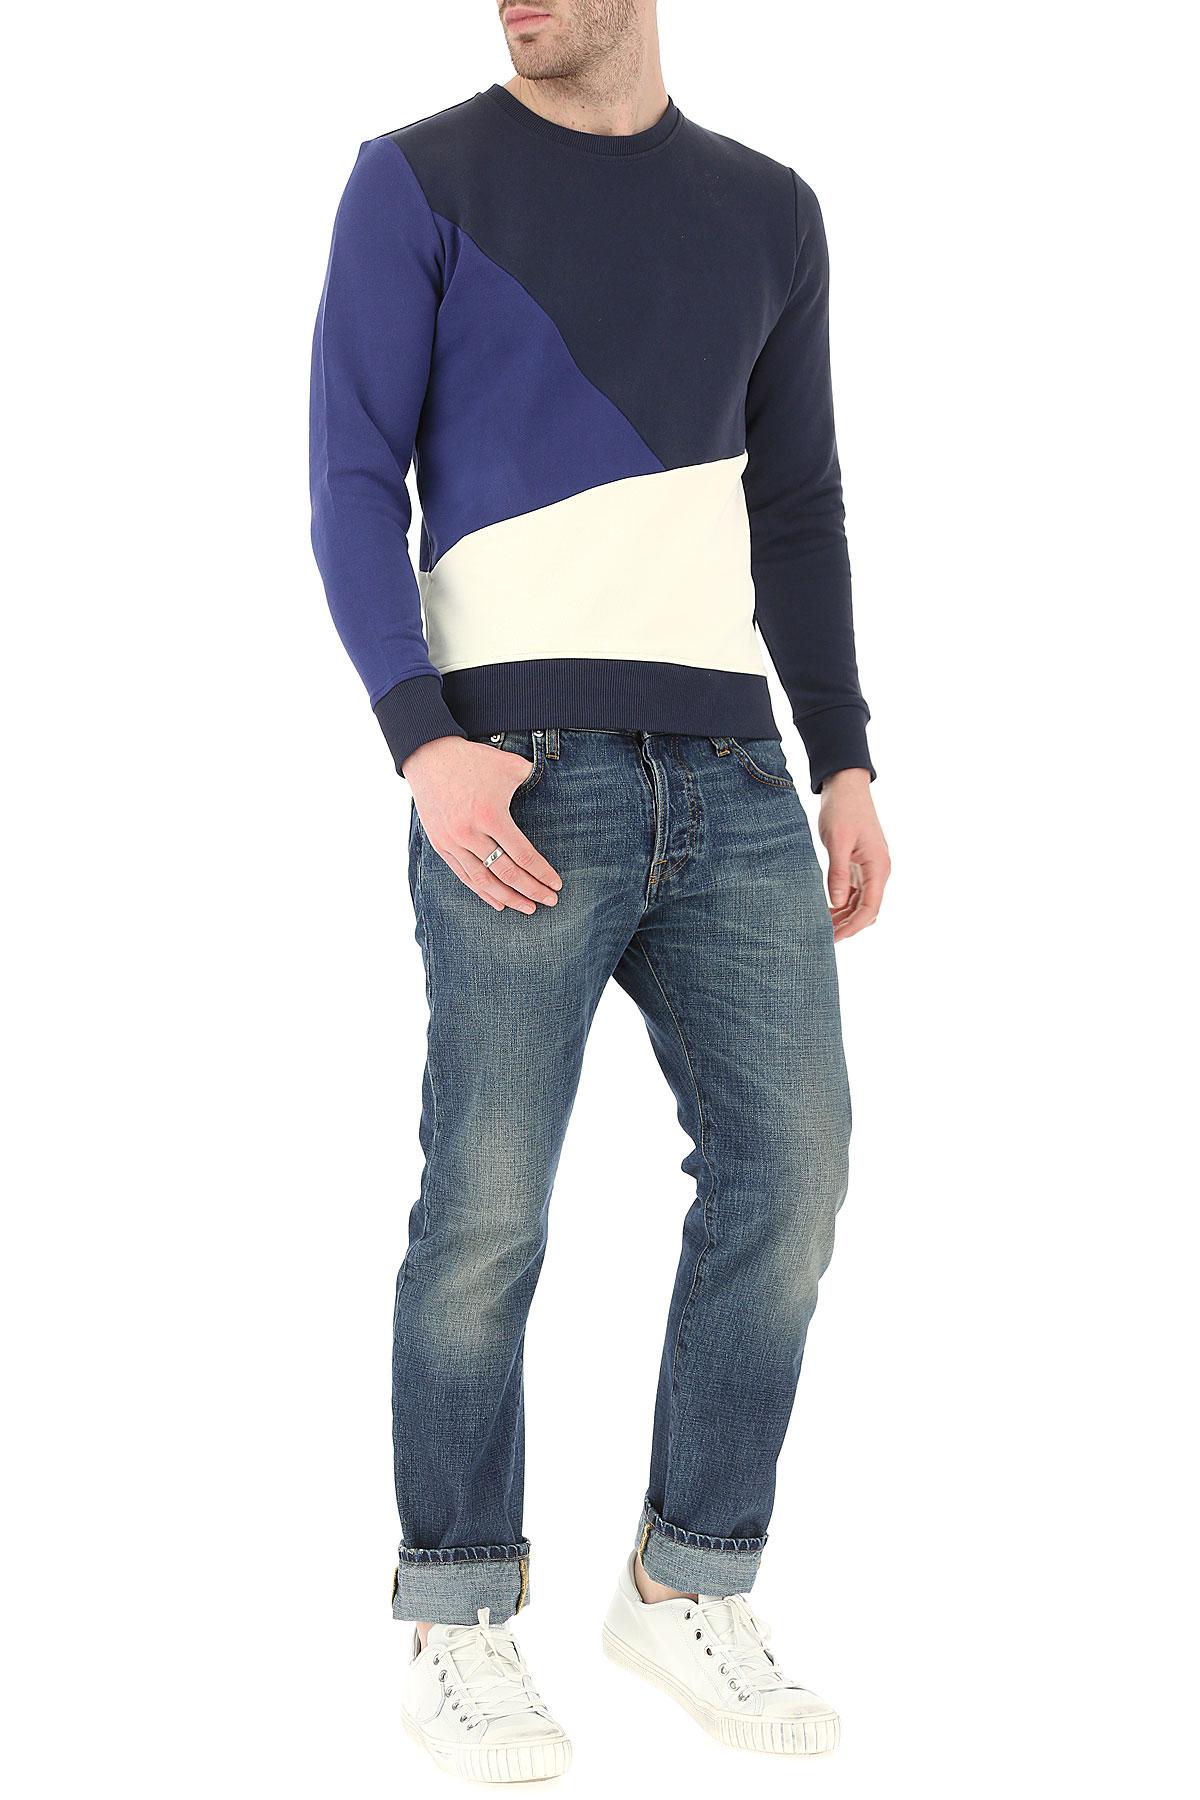 Ropa Blanco Hombres Para verano Primavera Azul 2019 Woolrich dSq60d